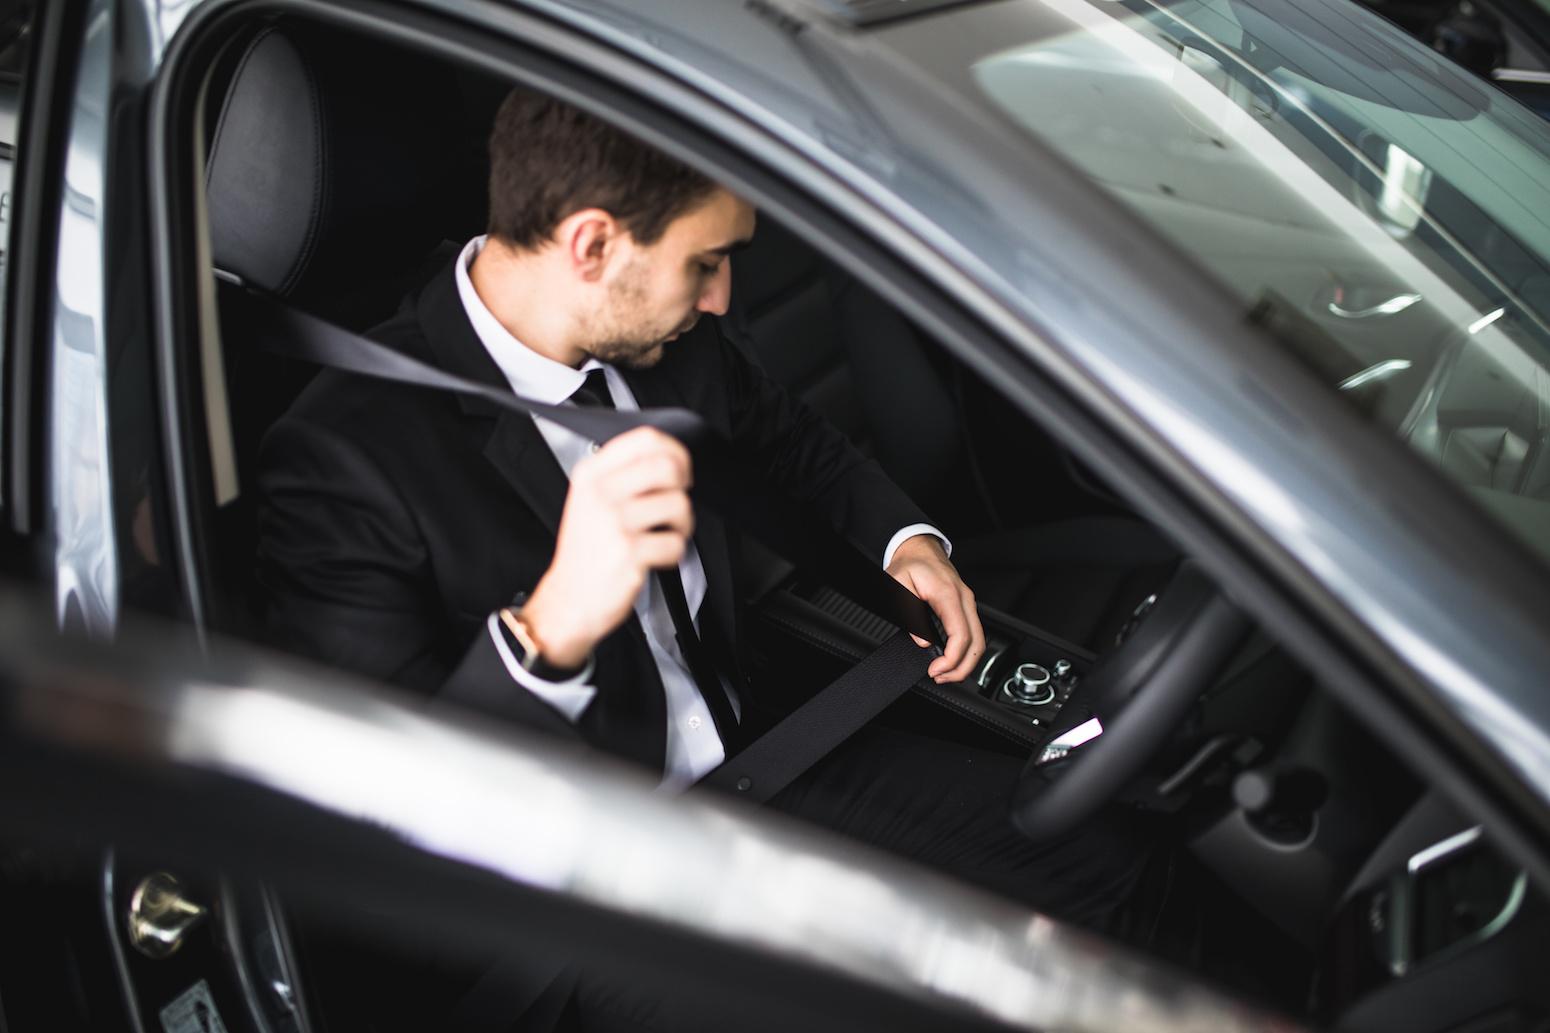 Taxis vtc bient t un examen d 39 entr e commun le monde for Resultat examen taxi 2017 chambre des metiers